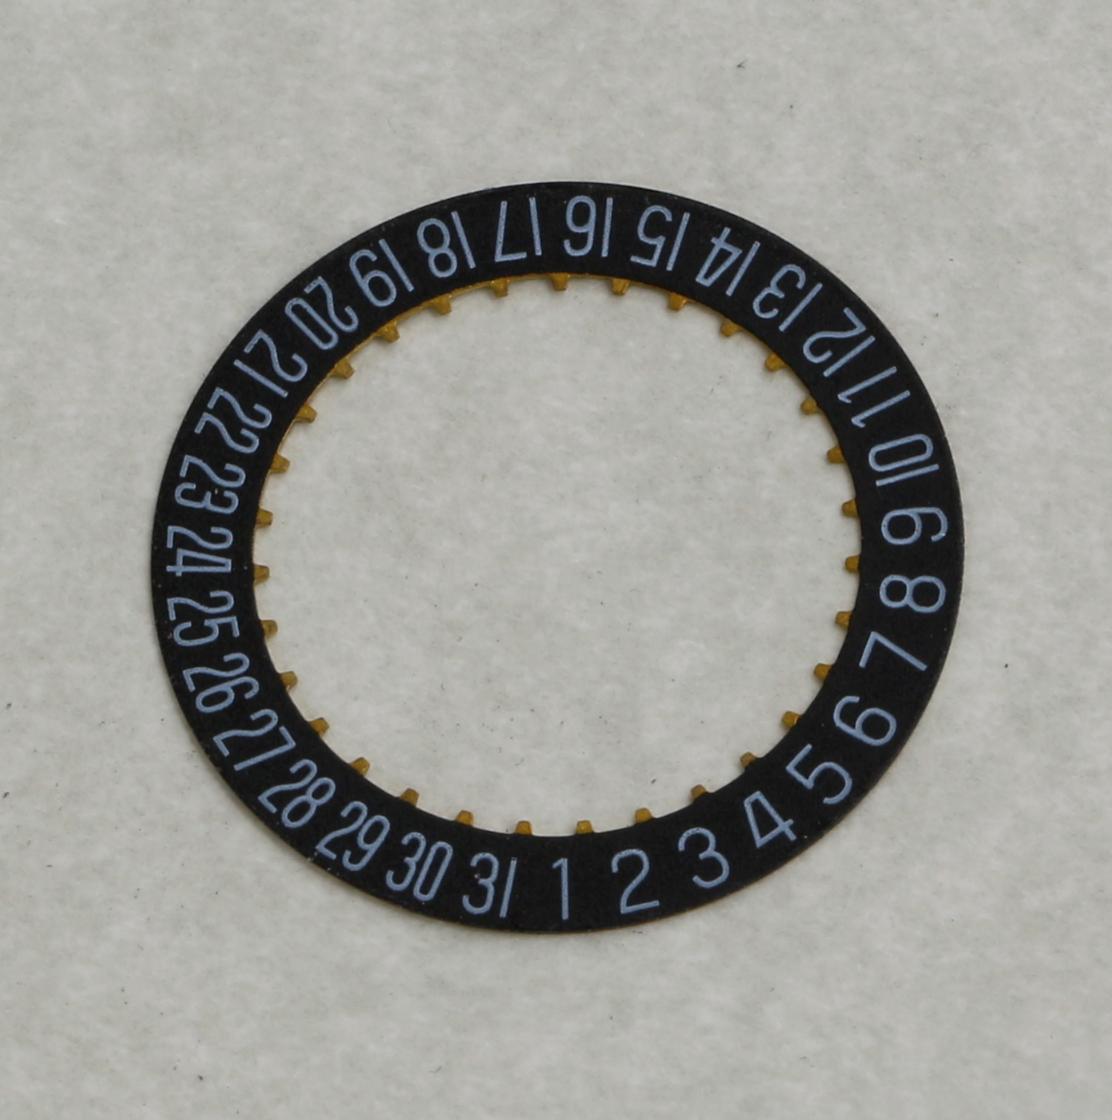 Datumsanzeige Datum Felgen Scheibe 2557 H3//H6 für ETA 2804-2 2824-2 2892A2